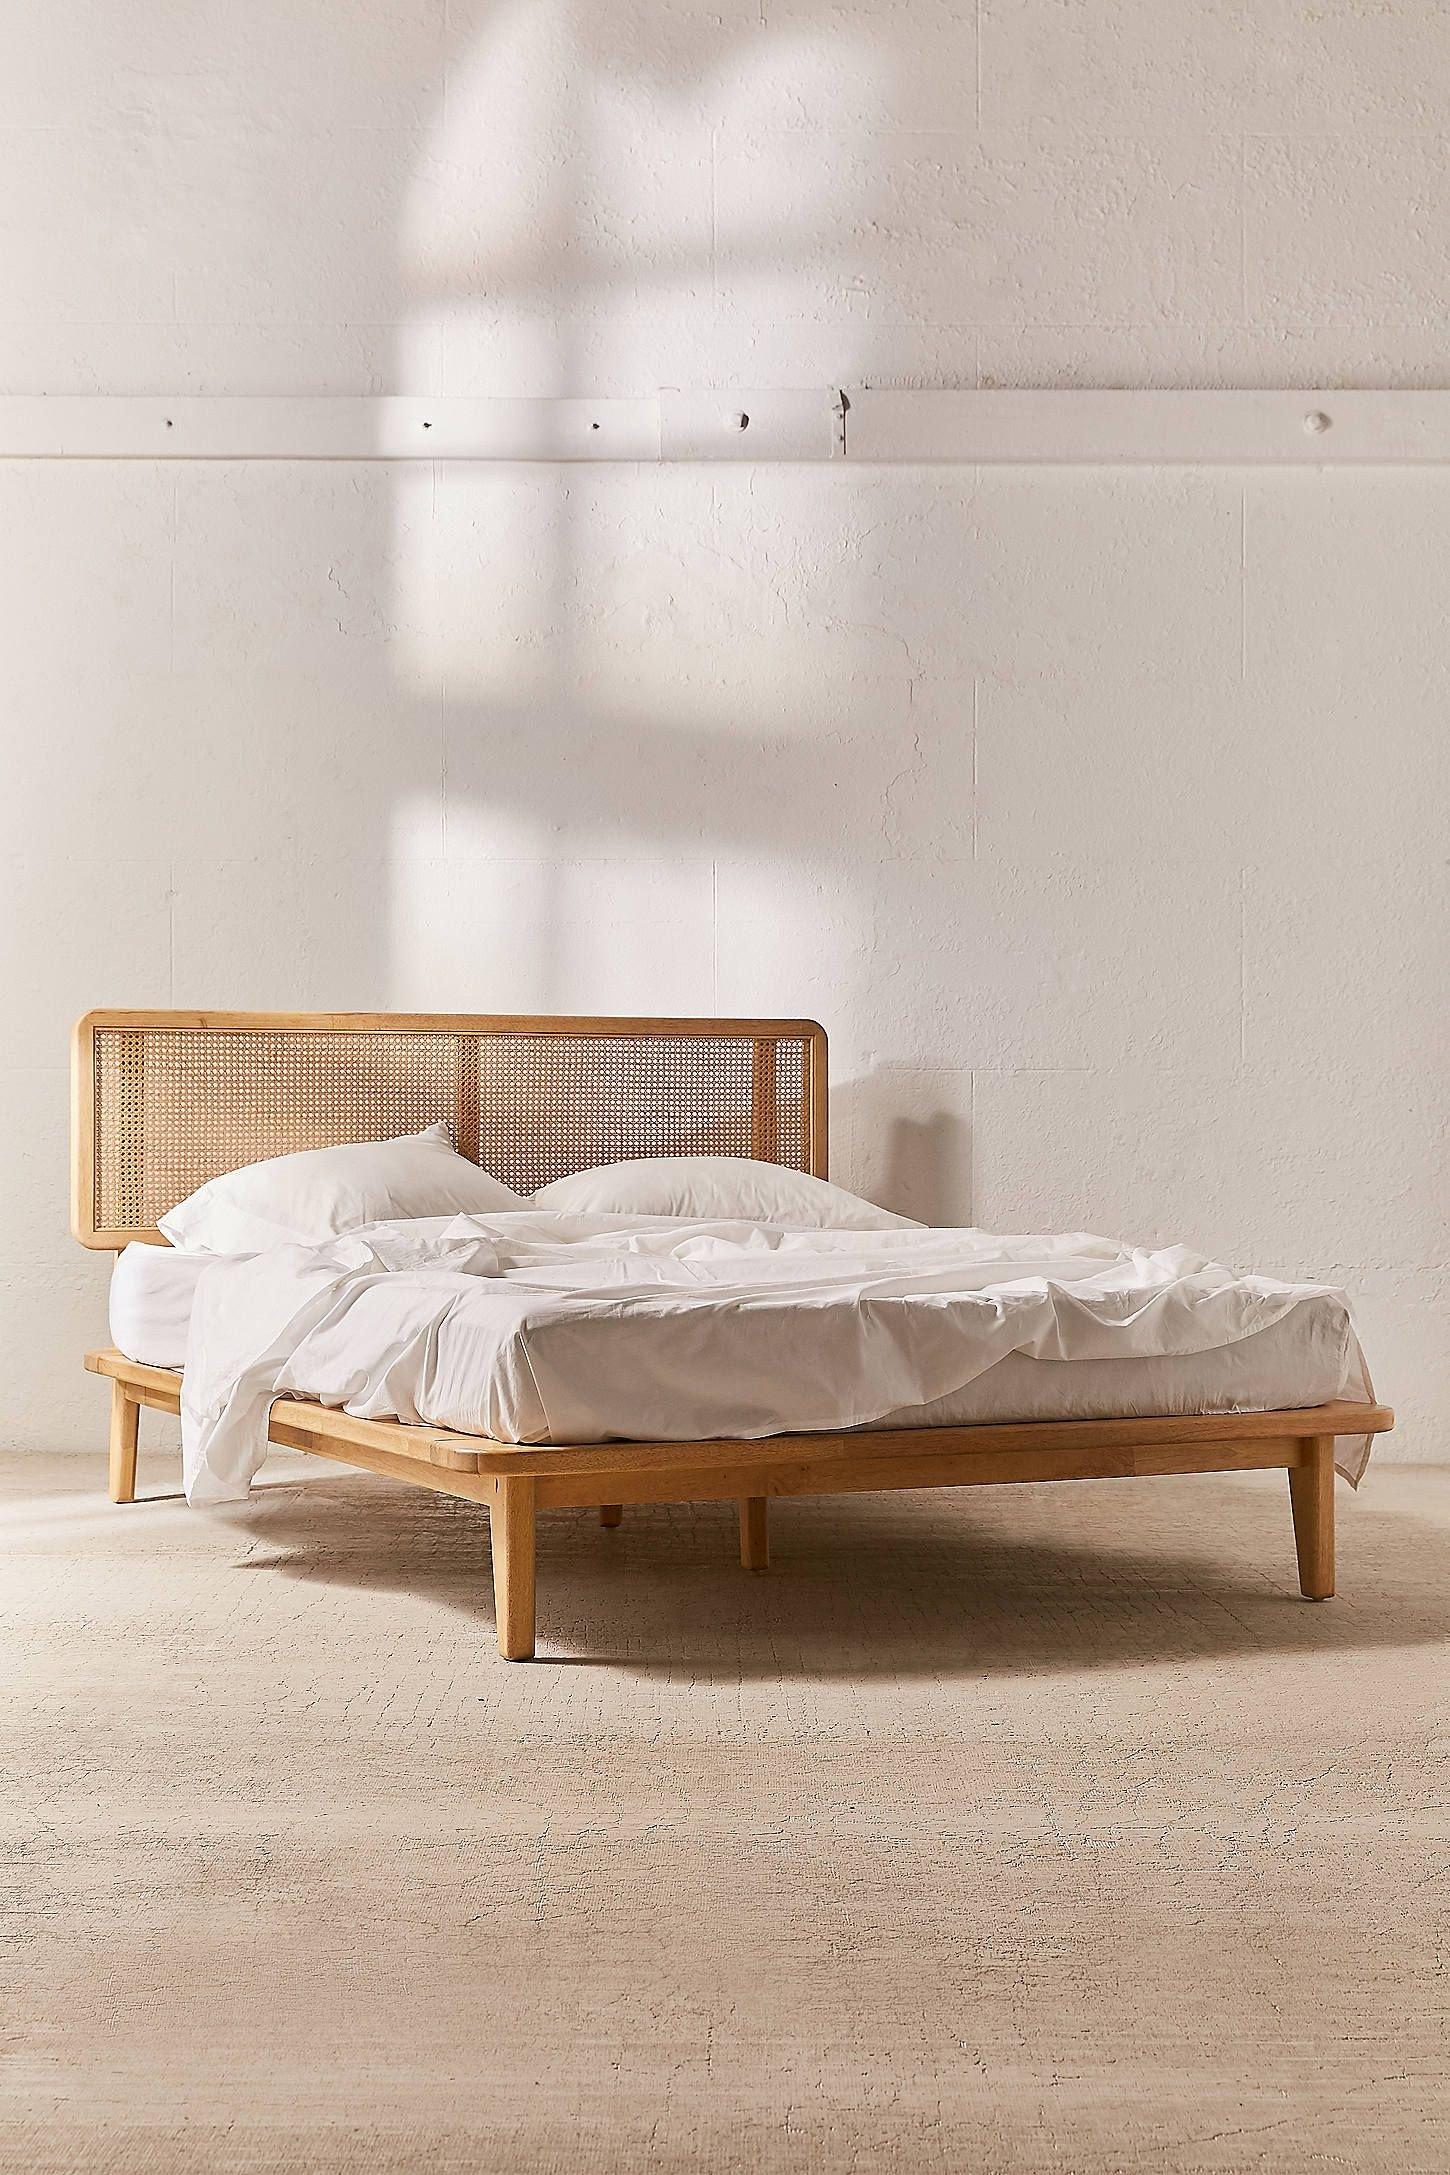 Wood and Metal Bedroom Inspirational Marte Platform Bed